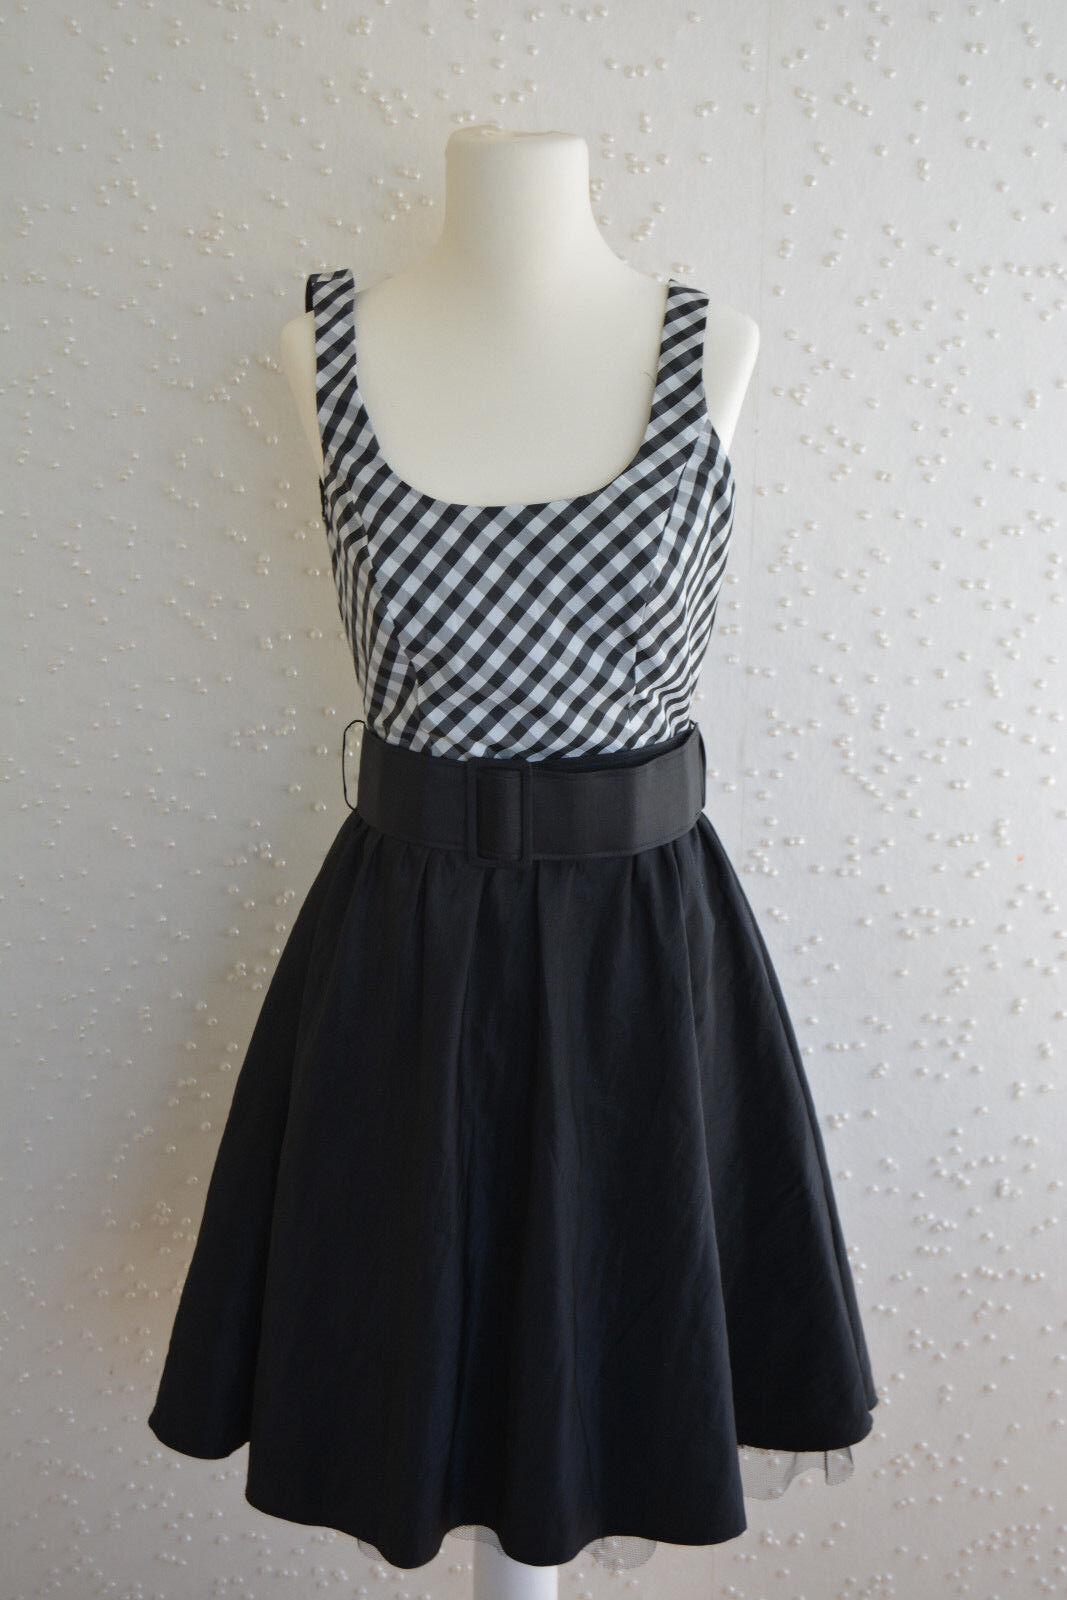 Kleid Kleid Kleid Festkleid Trägerkleid Be Beau at Matalan England, Gr. XS   32 (UK 6), neu     | Reparieren  | Lebhaft  | Authentisch  578db0